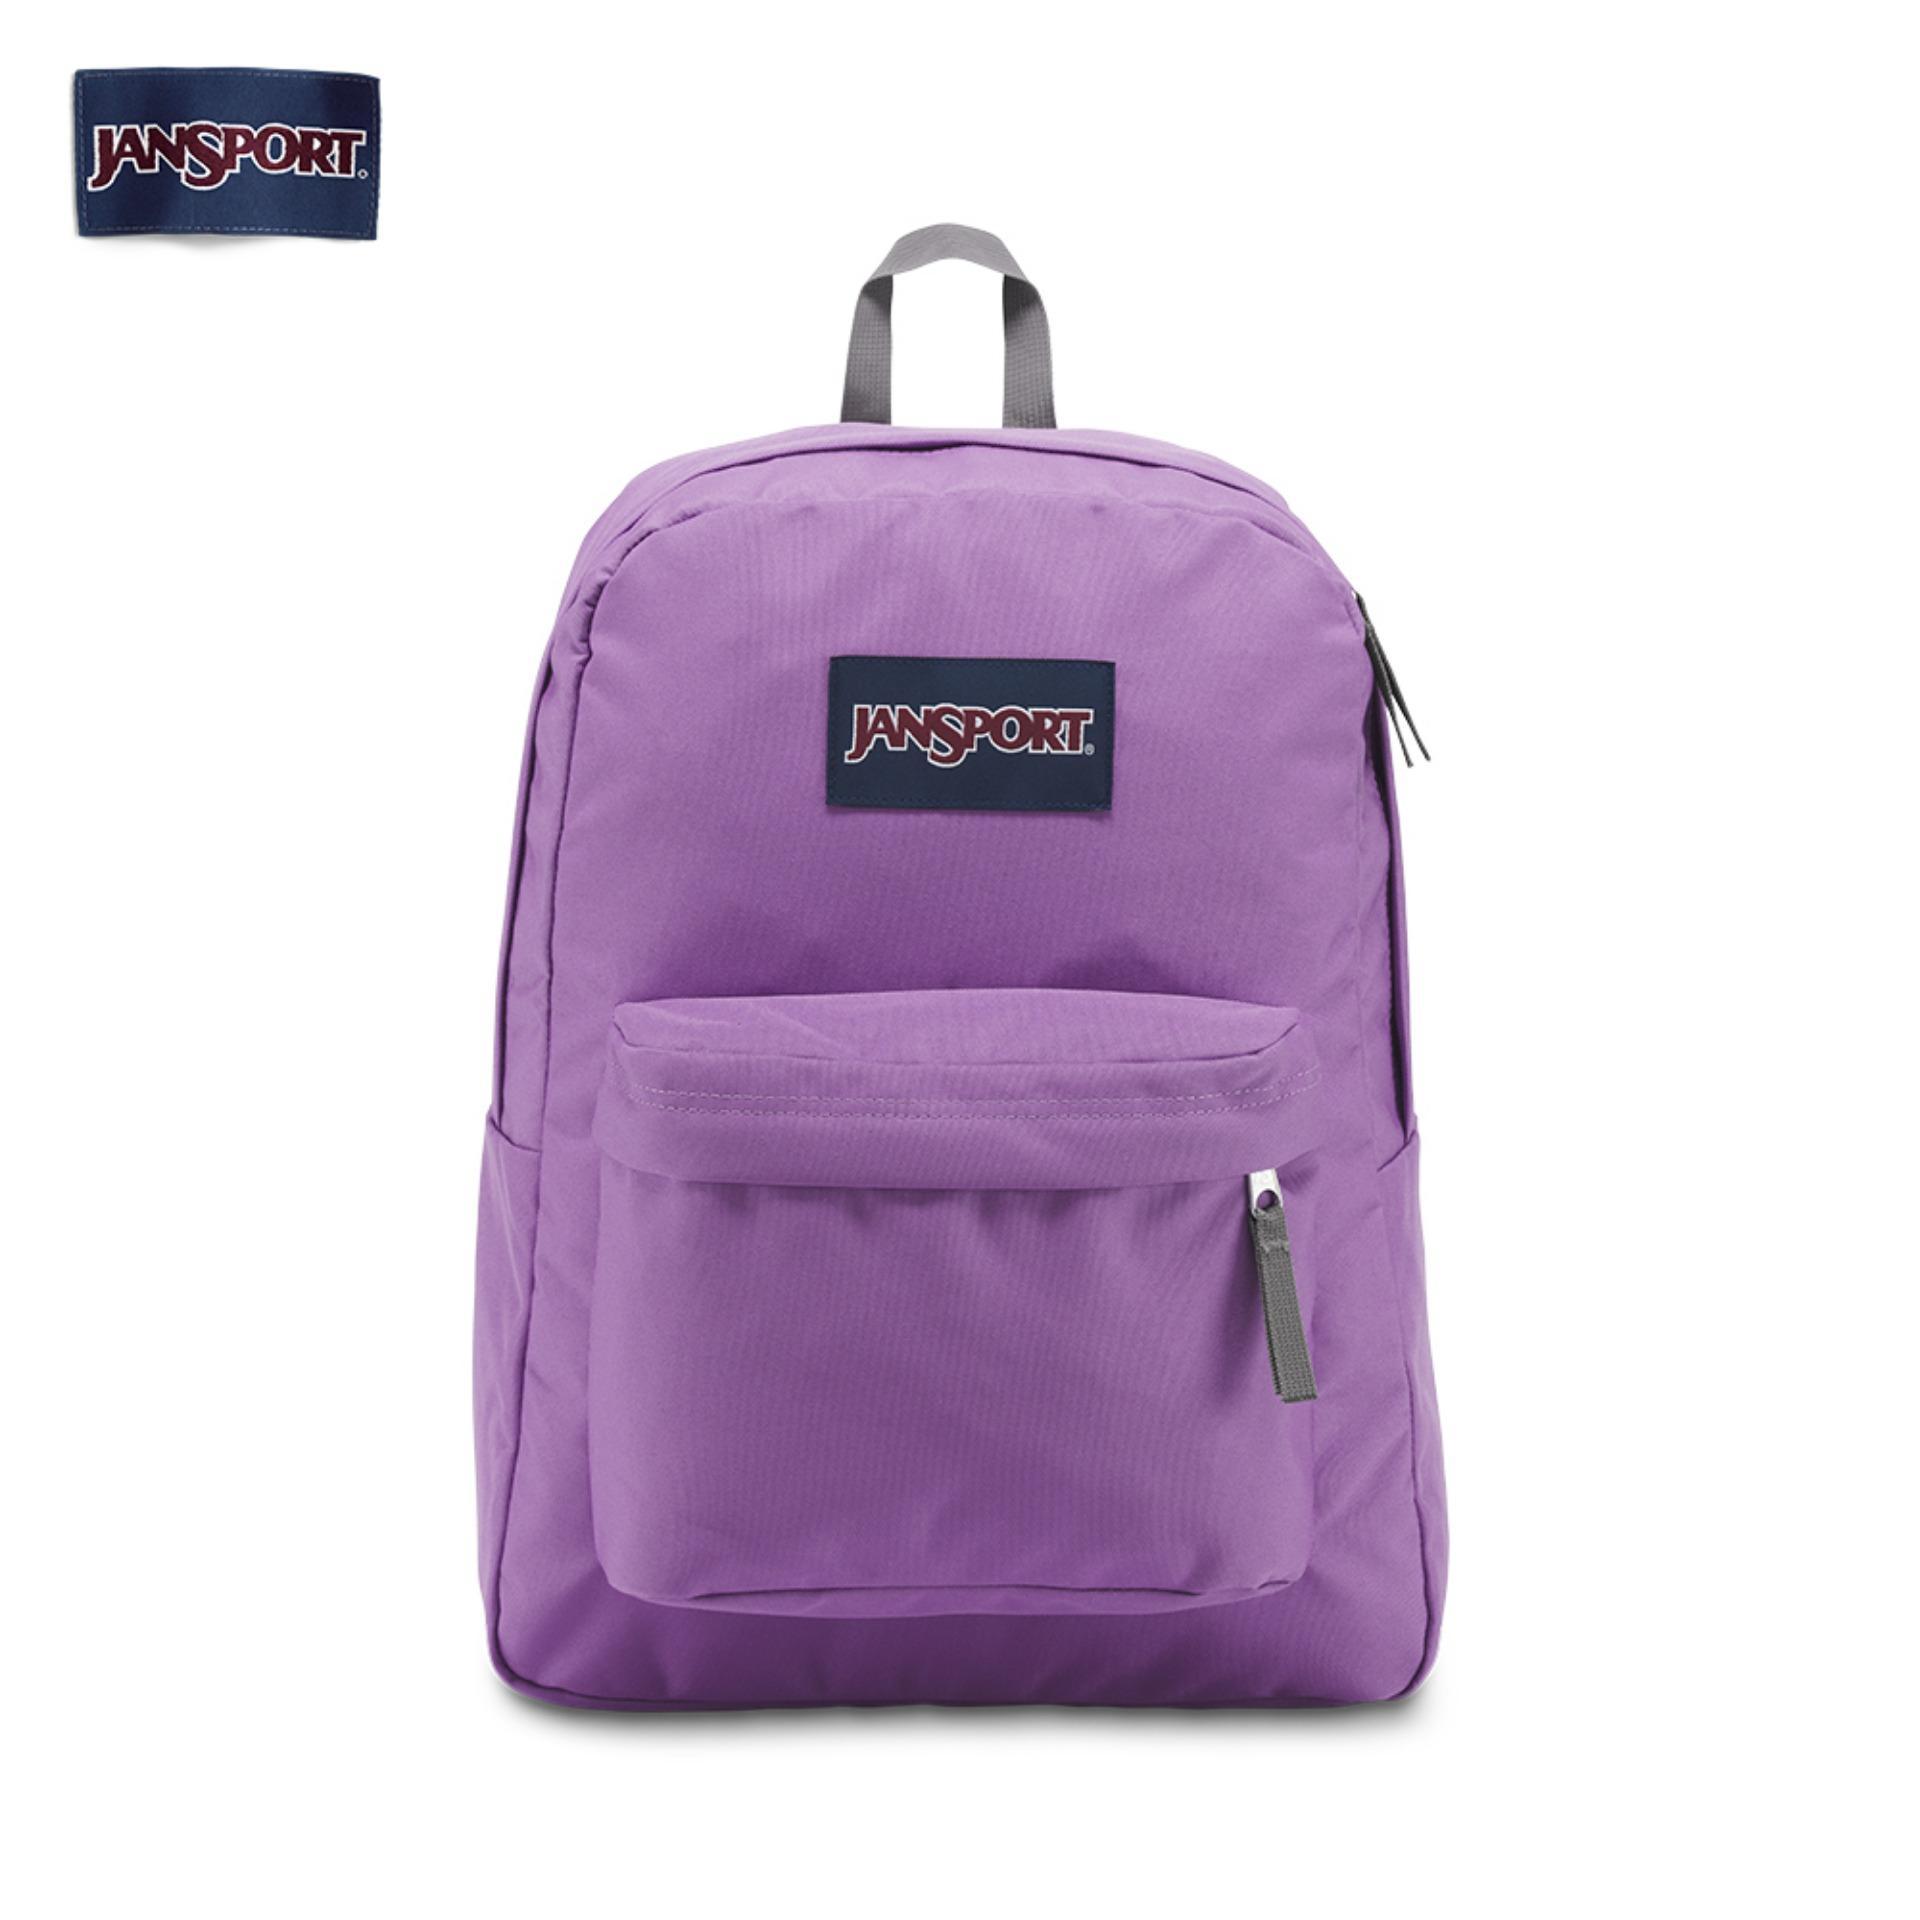 2a276297477 JanSport Philippines  JanSport price list - JanSport Bags   Backpacks for  sale   Lazada